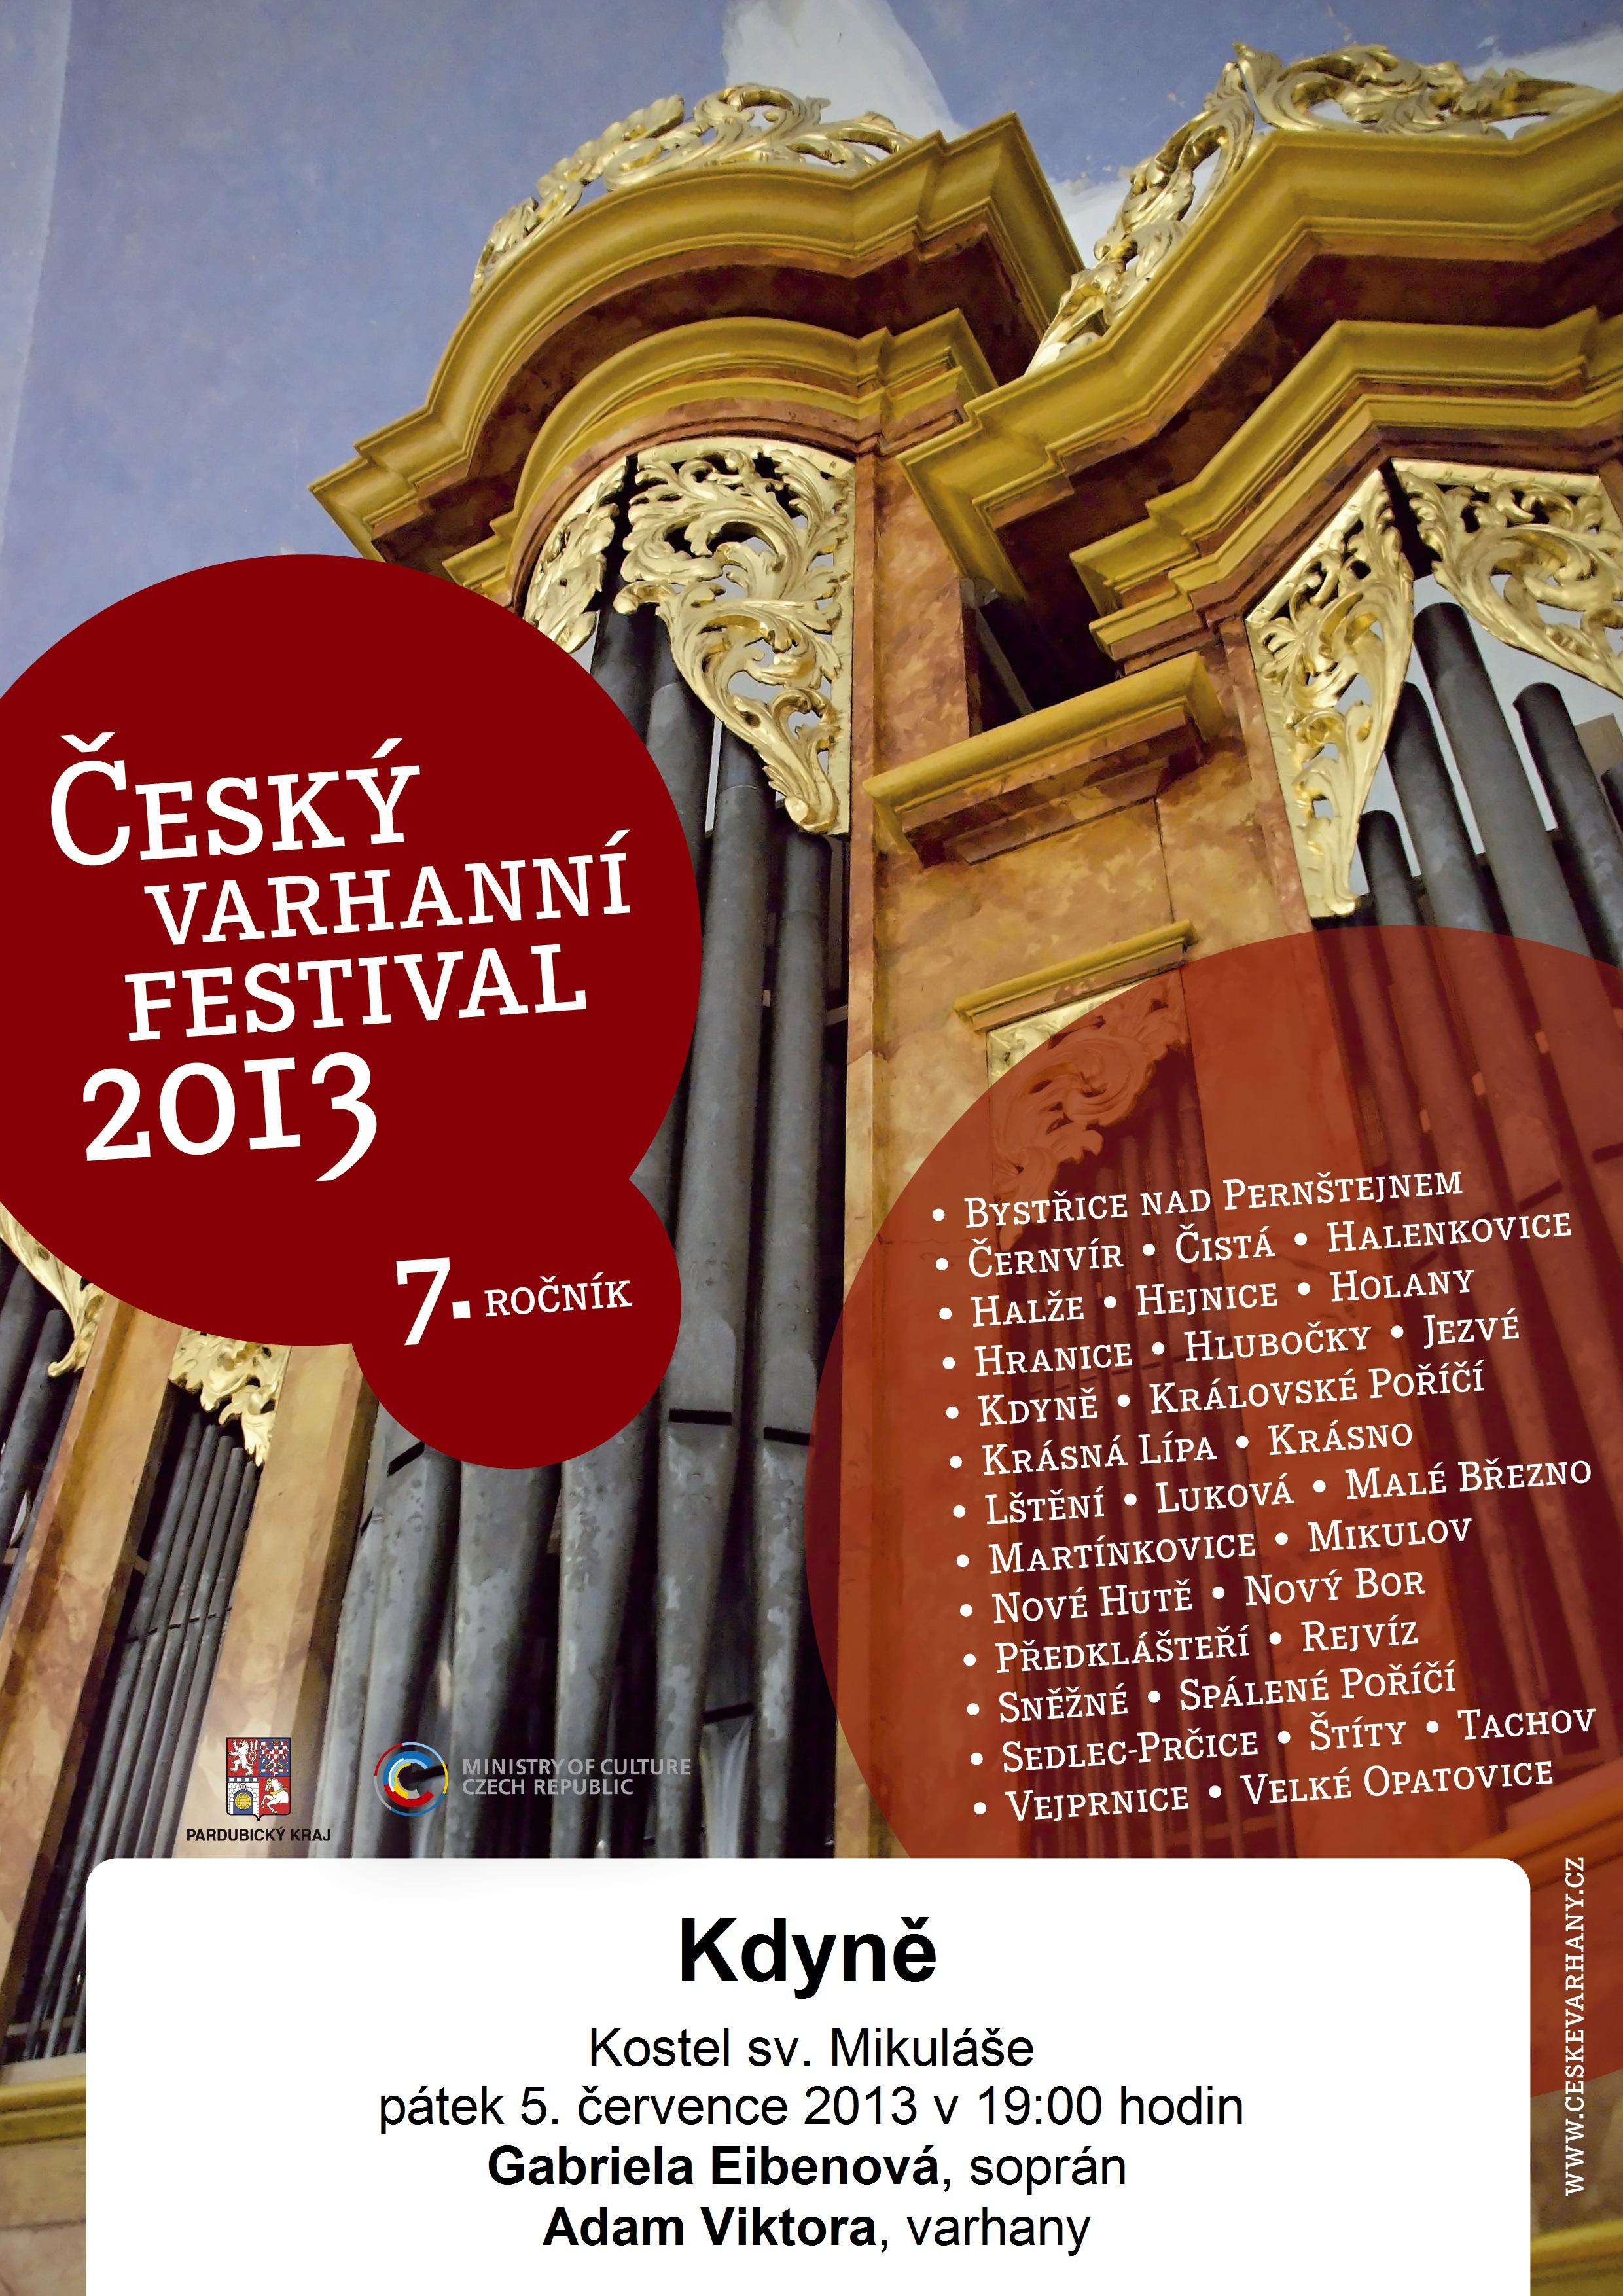 Varhanni_koncert_Kdyne